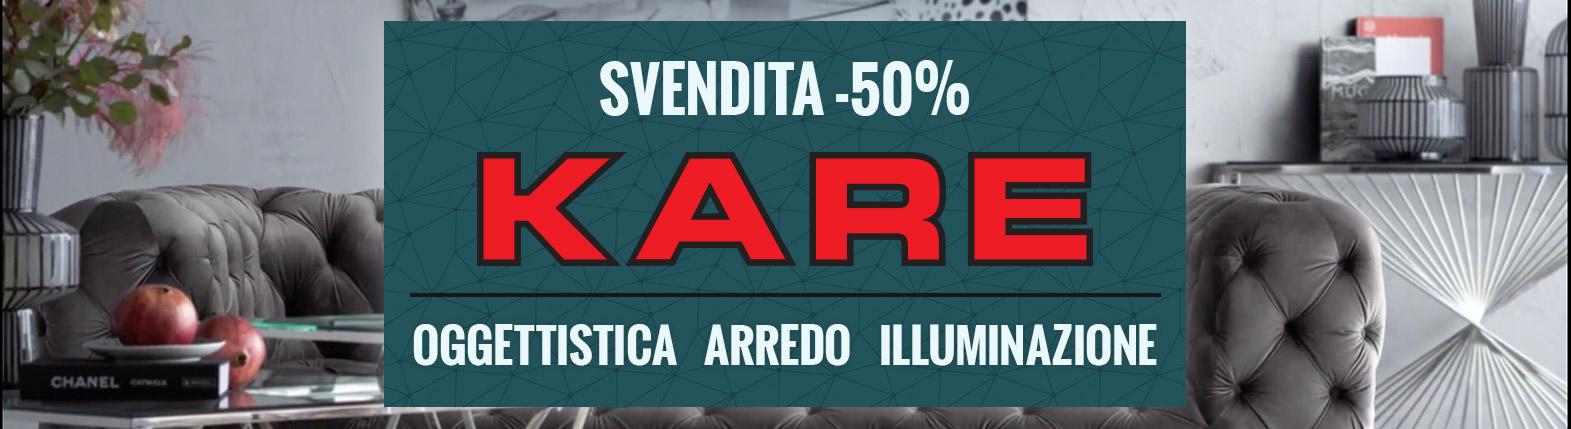 Svendita Kare 50